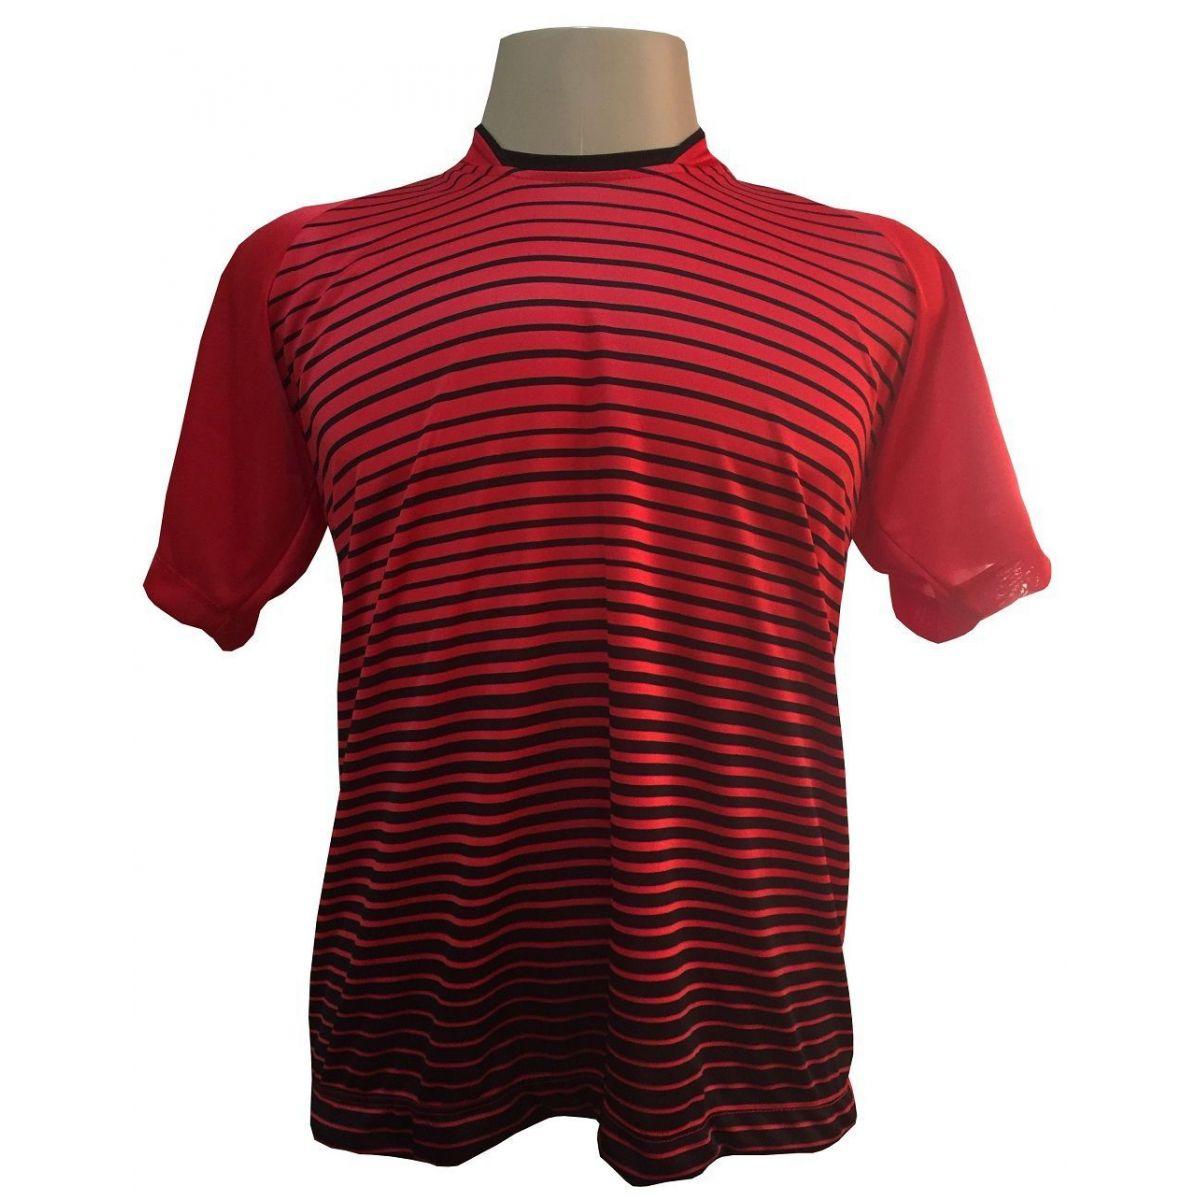 Uniforme Esportivo com 18 camisas modelo City Vermelho/Preto + 18 calções modelo Madrid Preto + Brindes